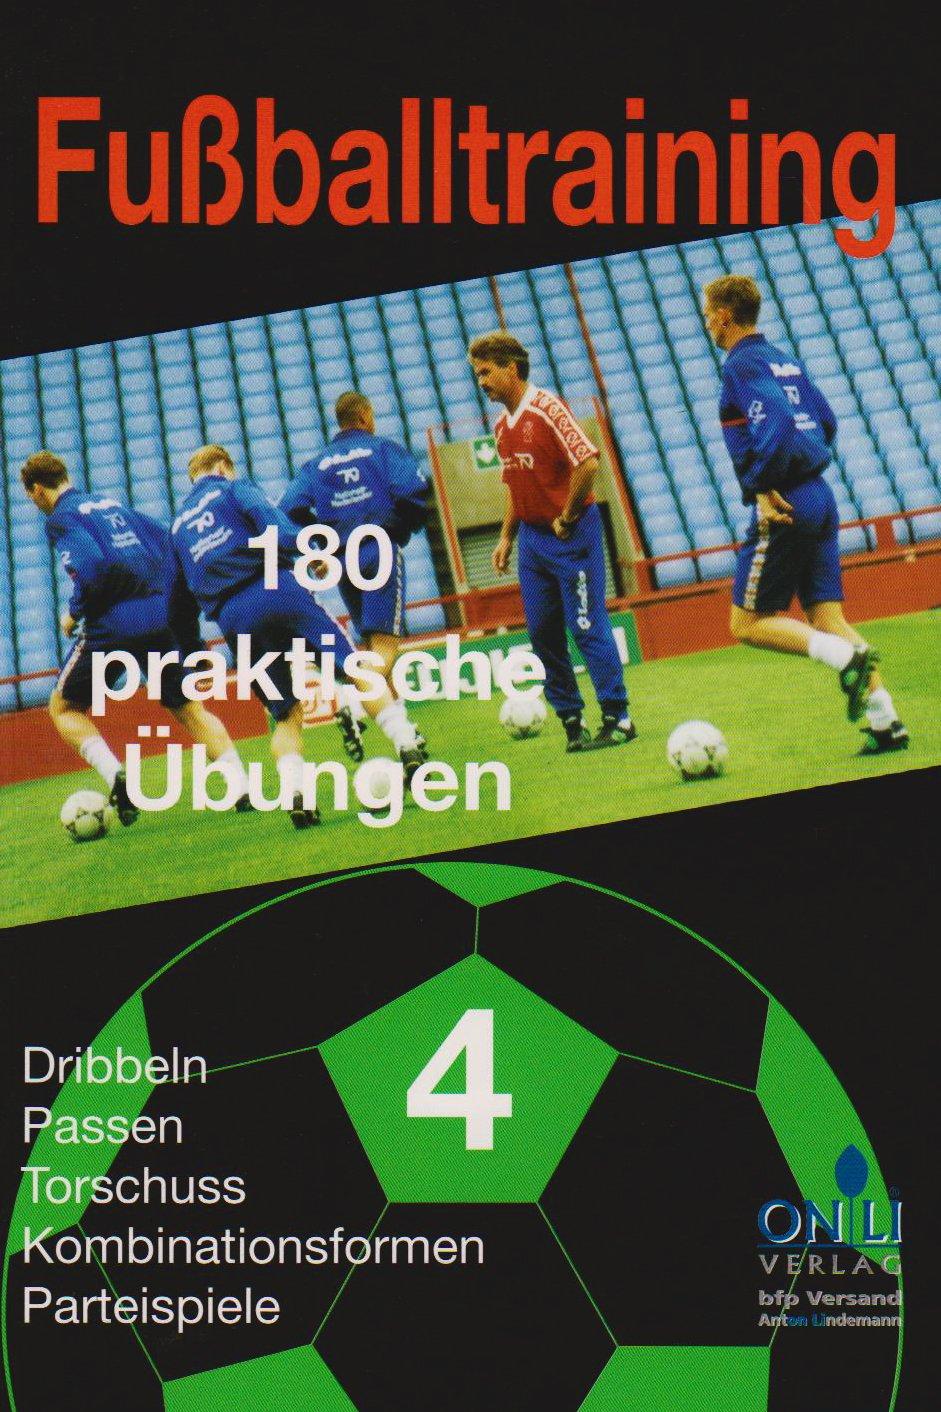 Fussballtraining - 180 praktische Übungen Teil 1, 2, 3, 4